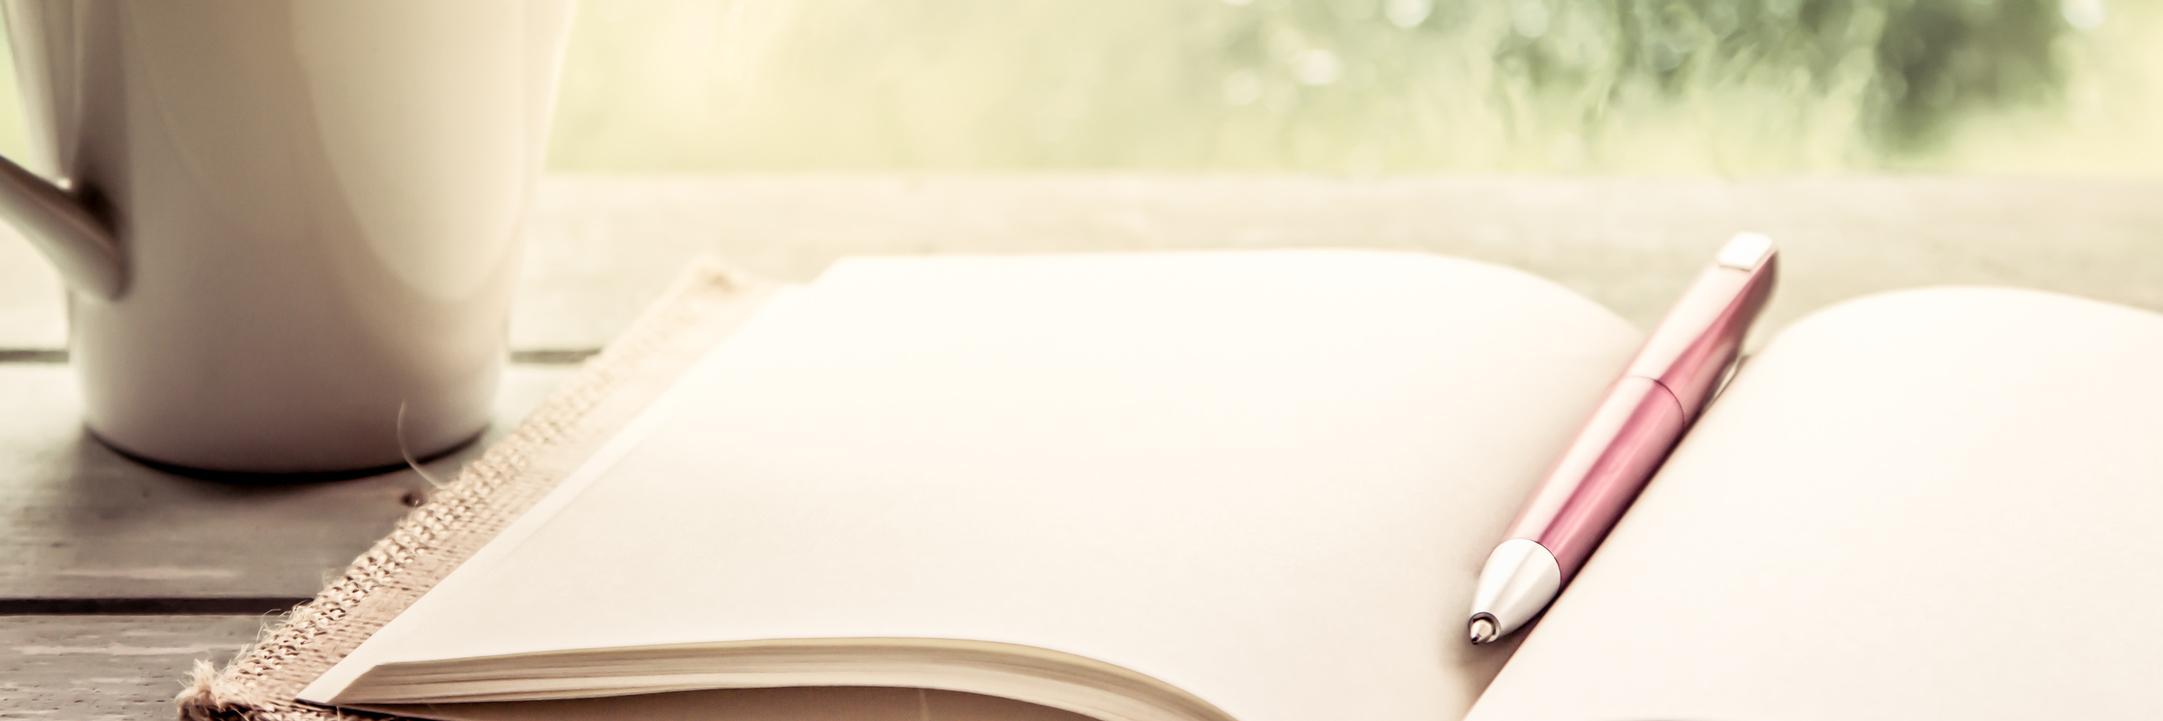 pen on an open notebook sitting next to a mug on a windowsill